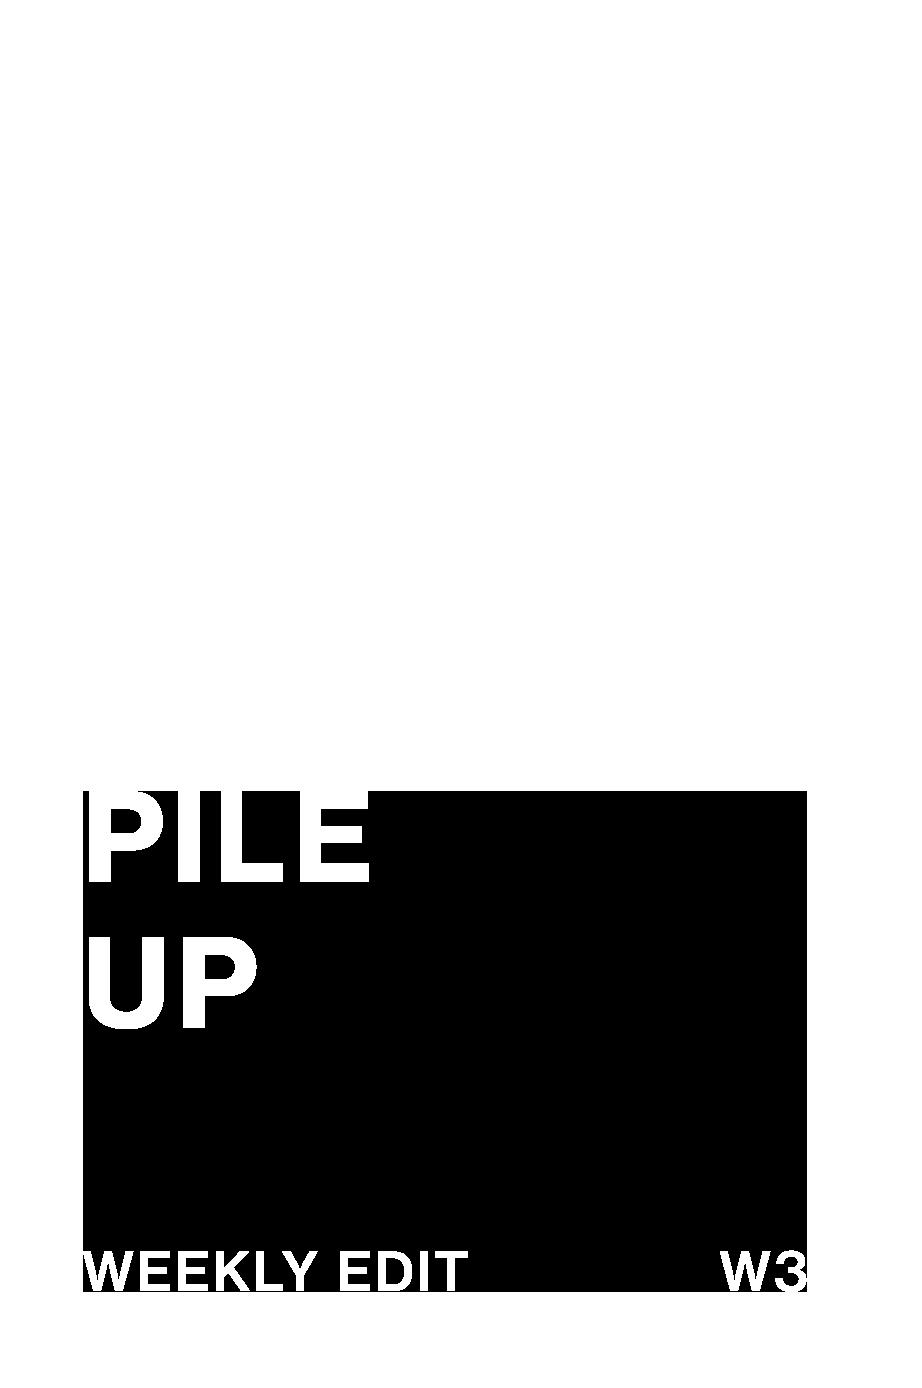 weekly-edit